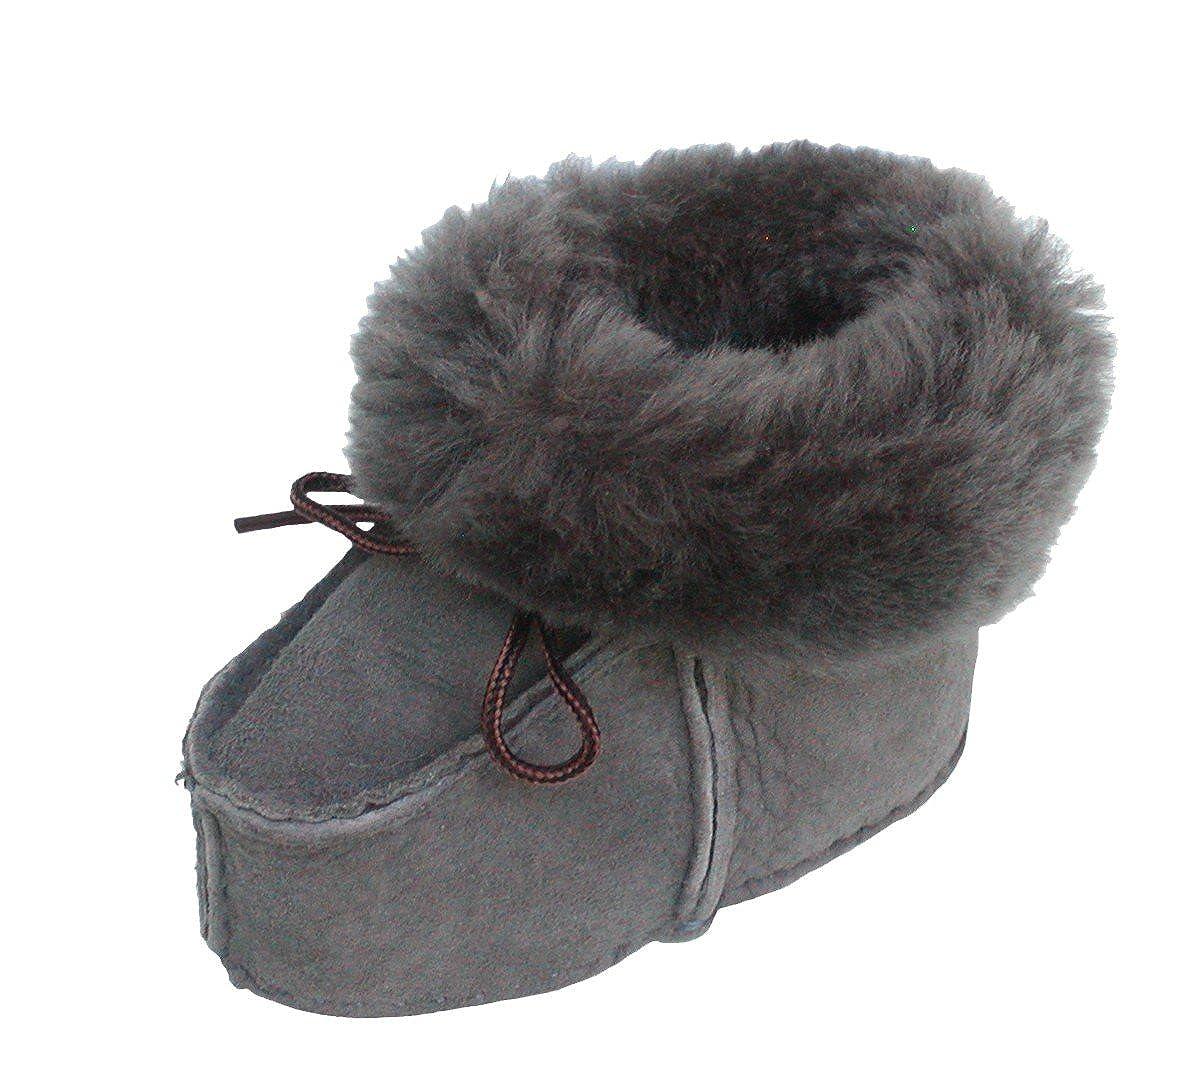 warme Lammfell Babyschuhe grau mit Fellkragen und Kordel, Gerbung ohne schädliche Stoffe, Gr. 17-18